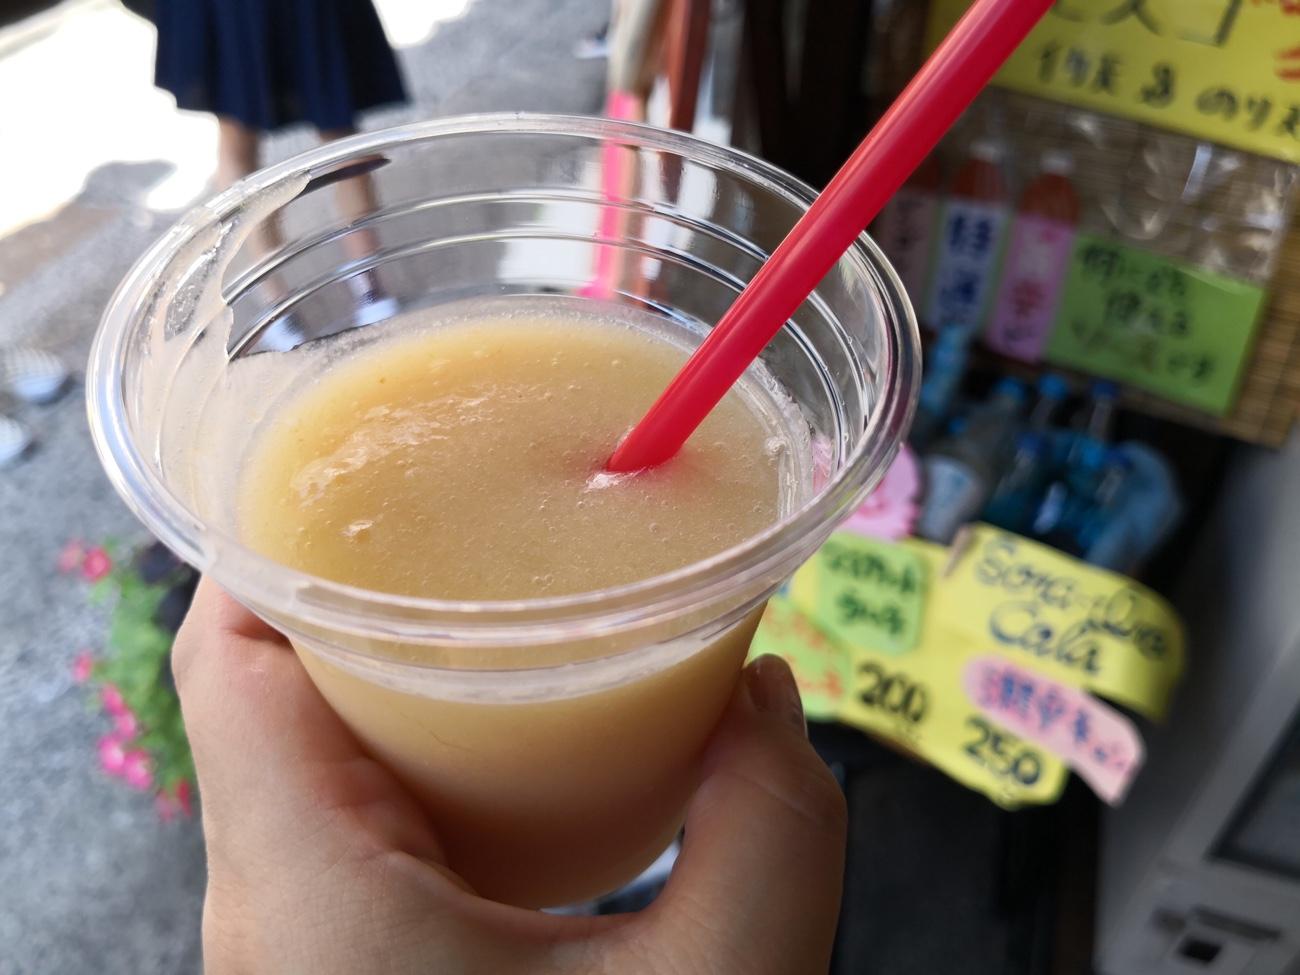 倉敷美観地区で食べ歩きした純粋な桃100%ジュース。